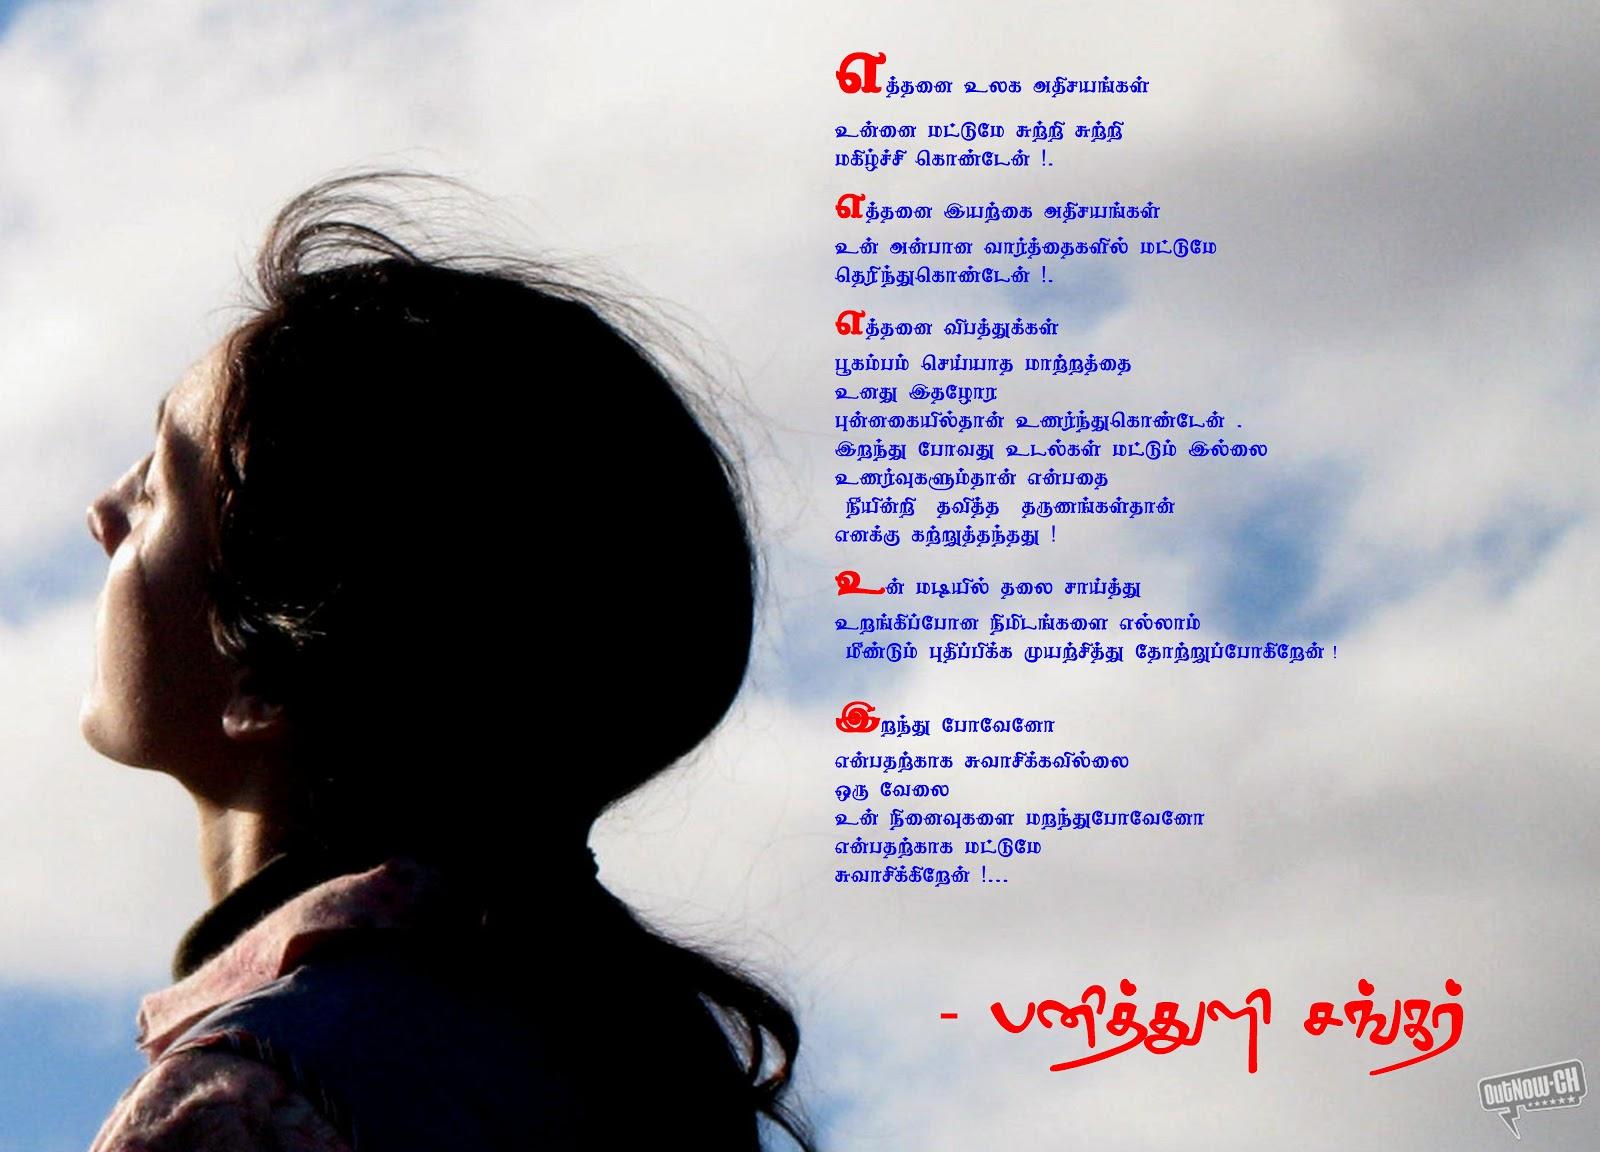 Tamil Love Kavithai Vairamuthu Poems tamil kadhal kavithaigal